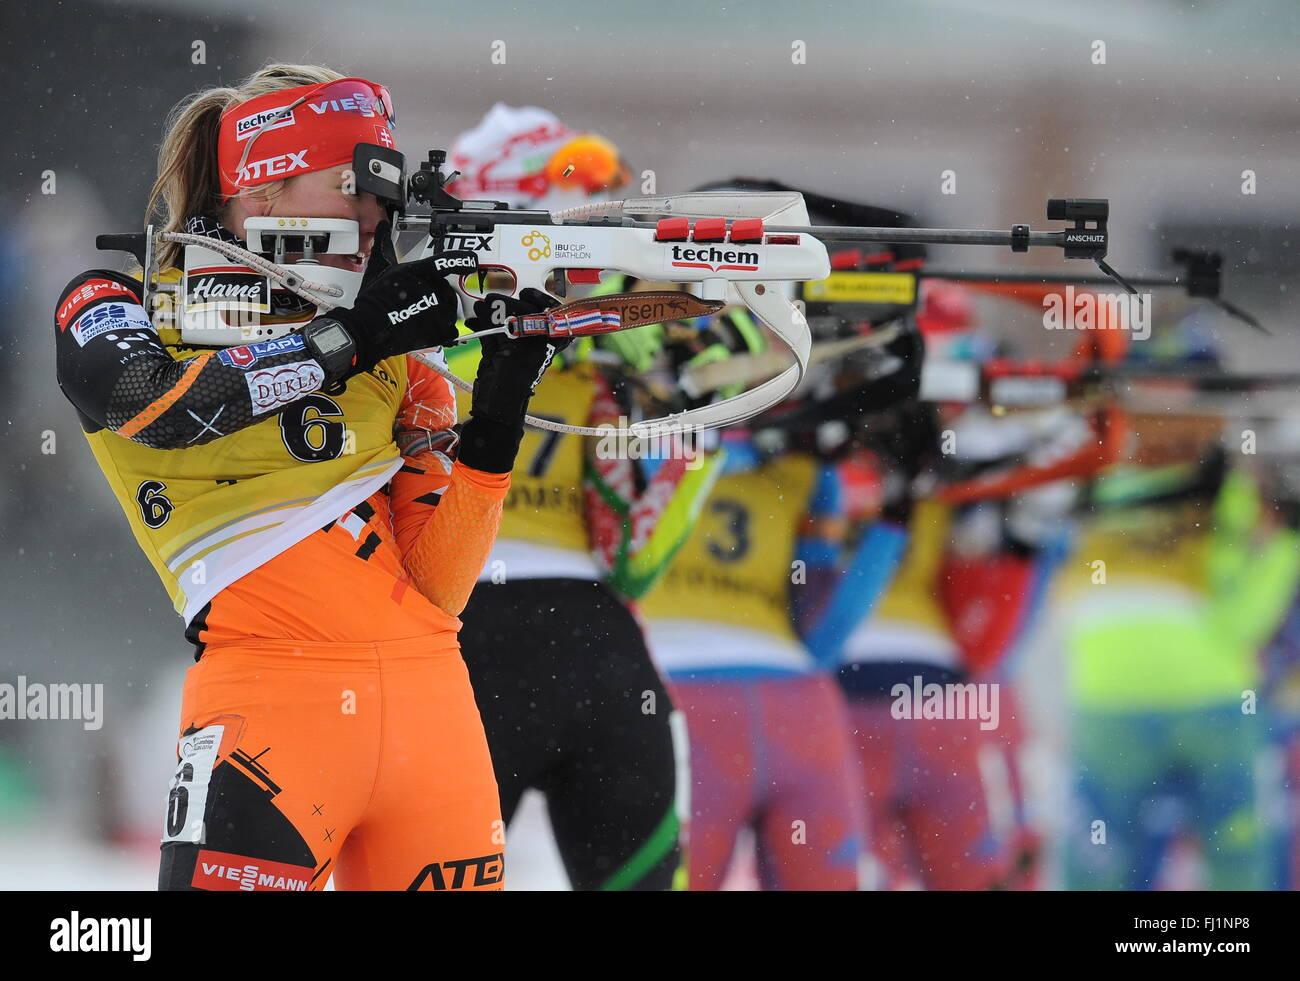 Tyumen, Russia. 28 Feb, 2016. Biatleta slovacca Paulina Fialkova (L) compete per vincere l'argento in campo Immagini Stock